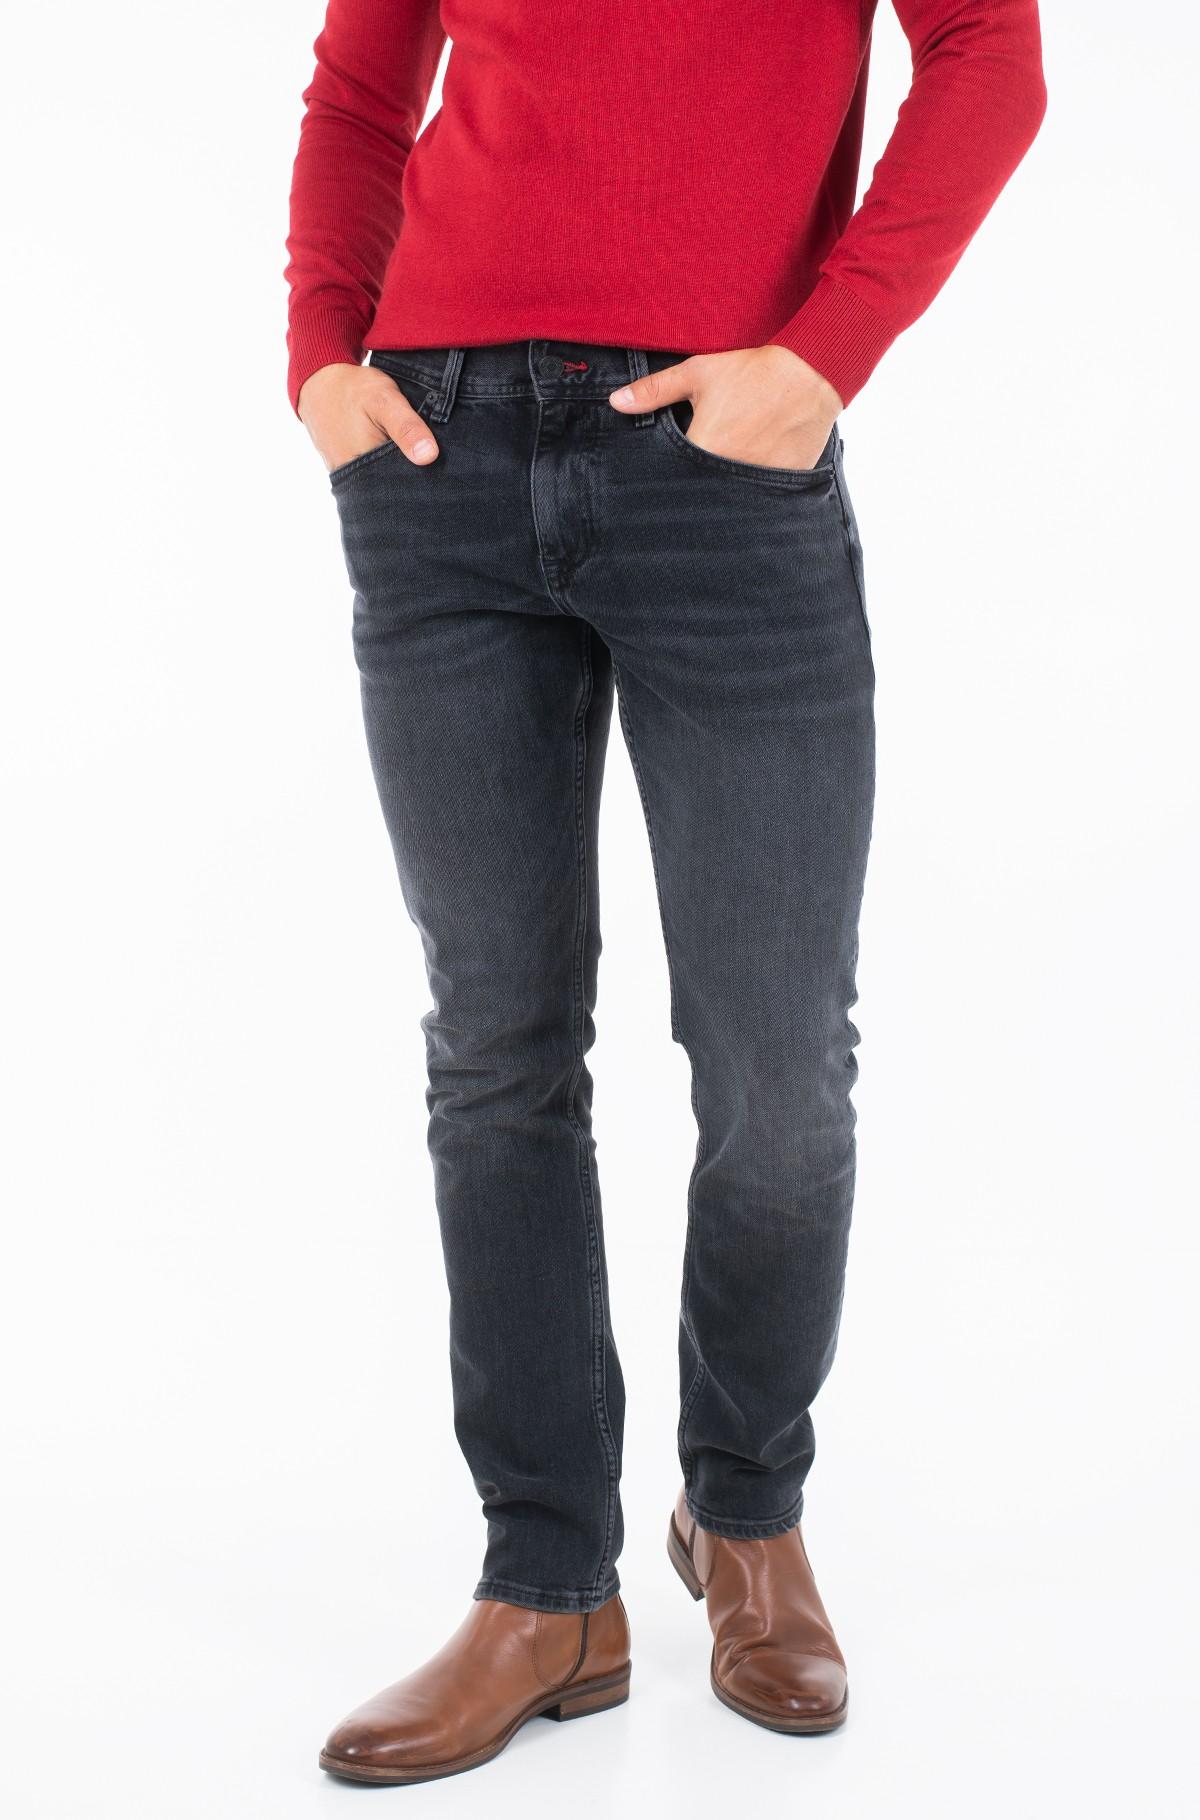 Džinsinės kelnės SLIM BLEECKER STR CODY BLACK-full-1